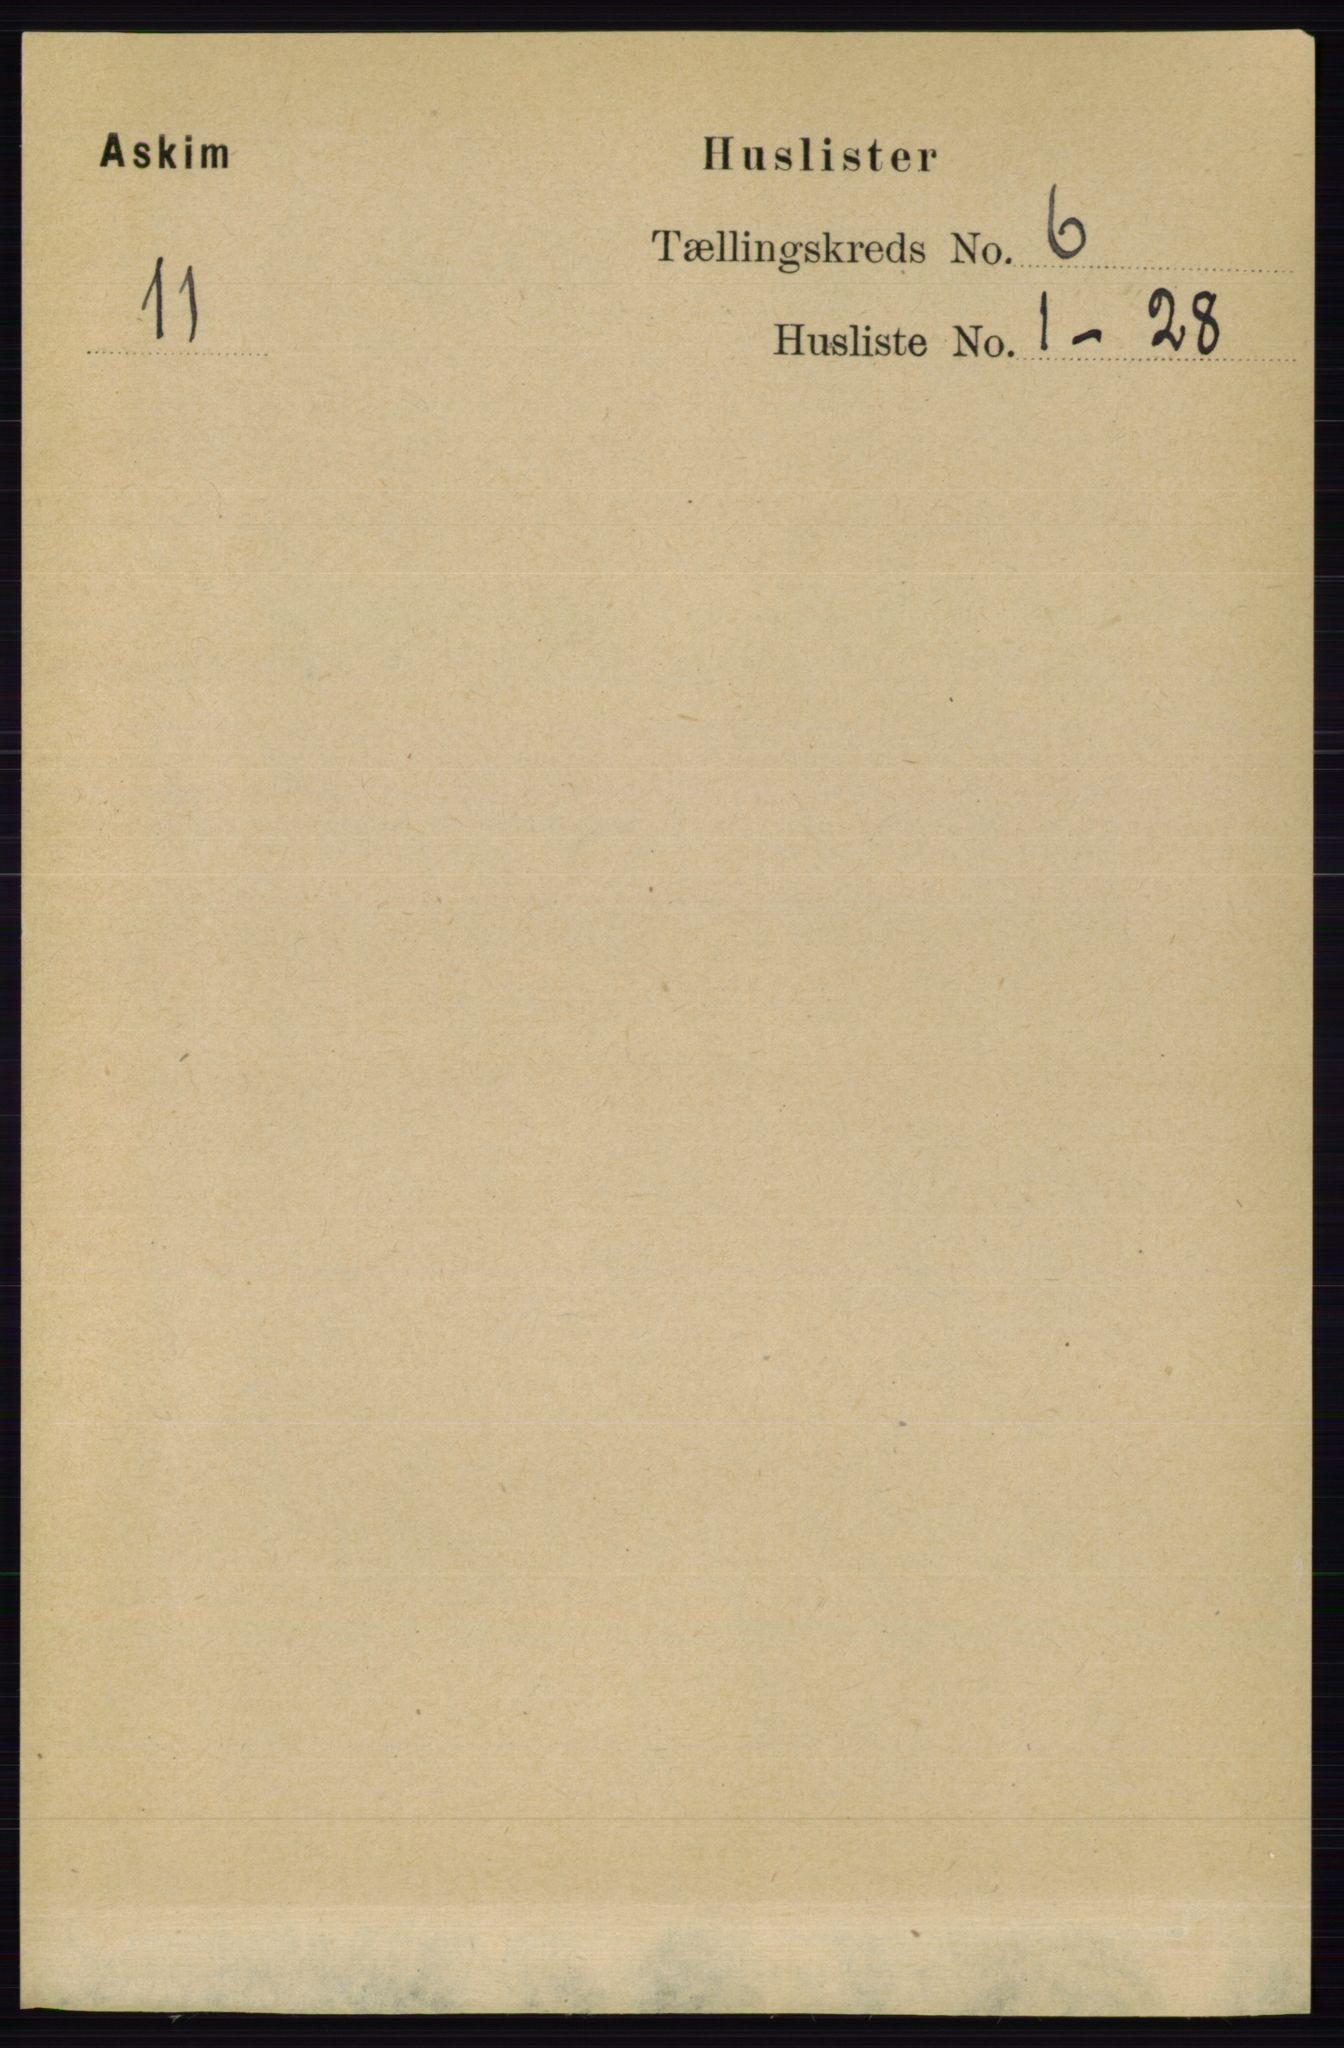 RA, Folketelling 1891 for 0124 Askim herred, 1891, s. 746